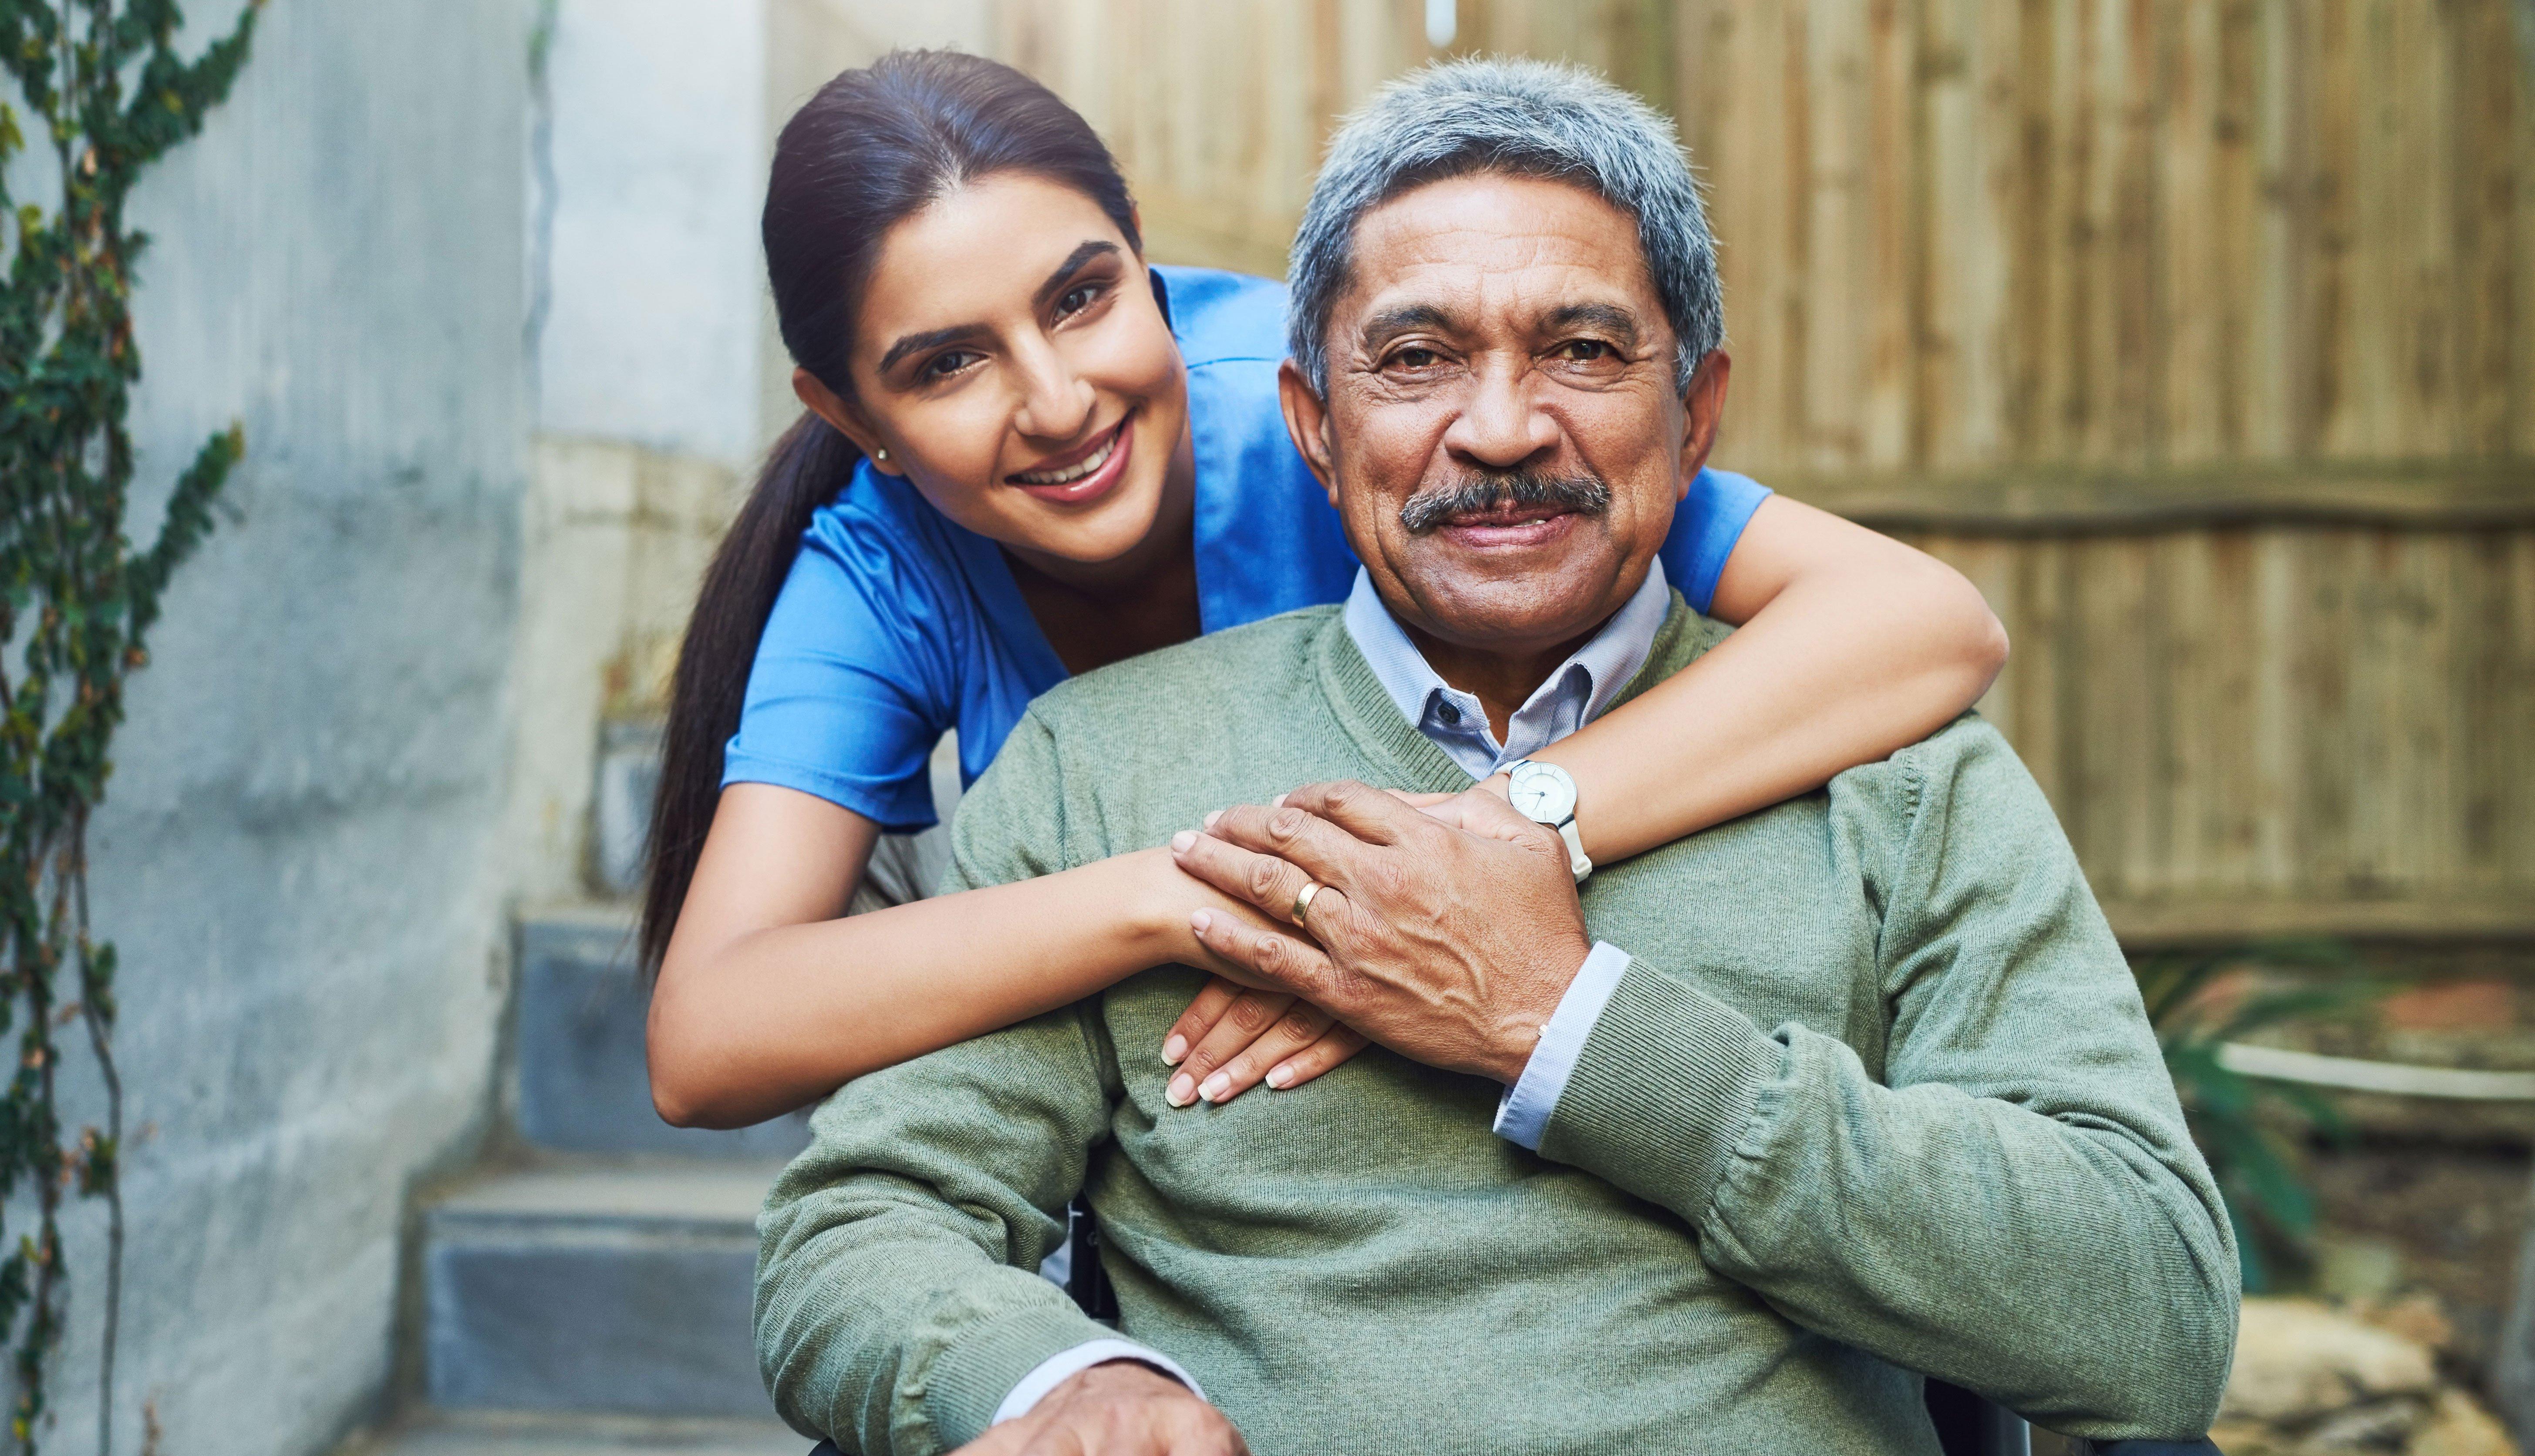 Mujer abrazando a un hombre sentado